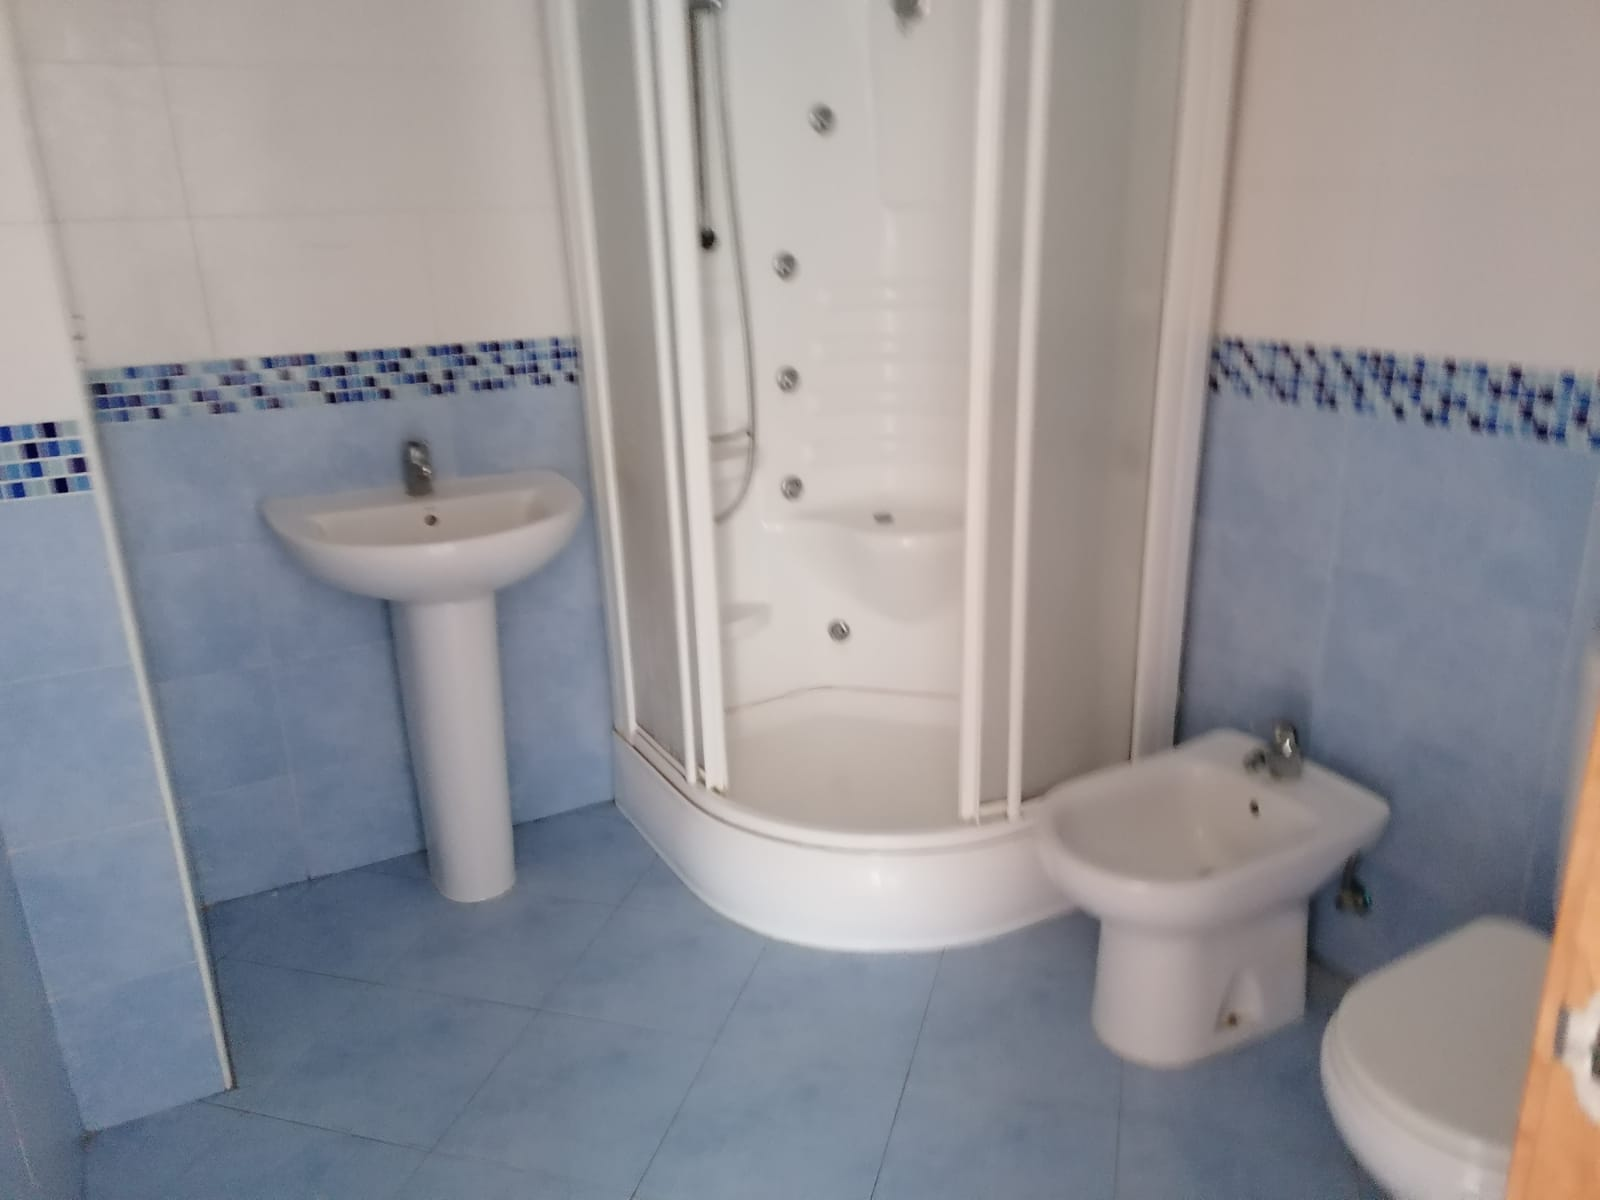 Piso en venta en Piso en Moncofa, Castellón, 58.000 €, 2 habitaciones, 1 baño, 58 m2, Garaje